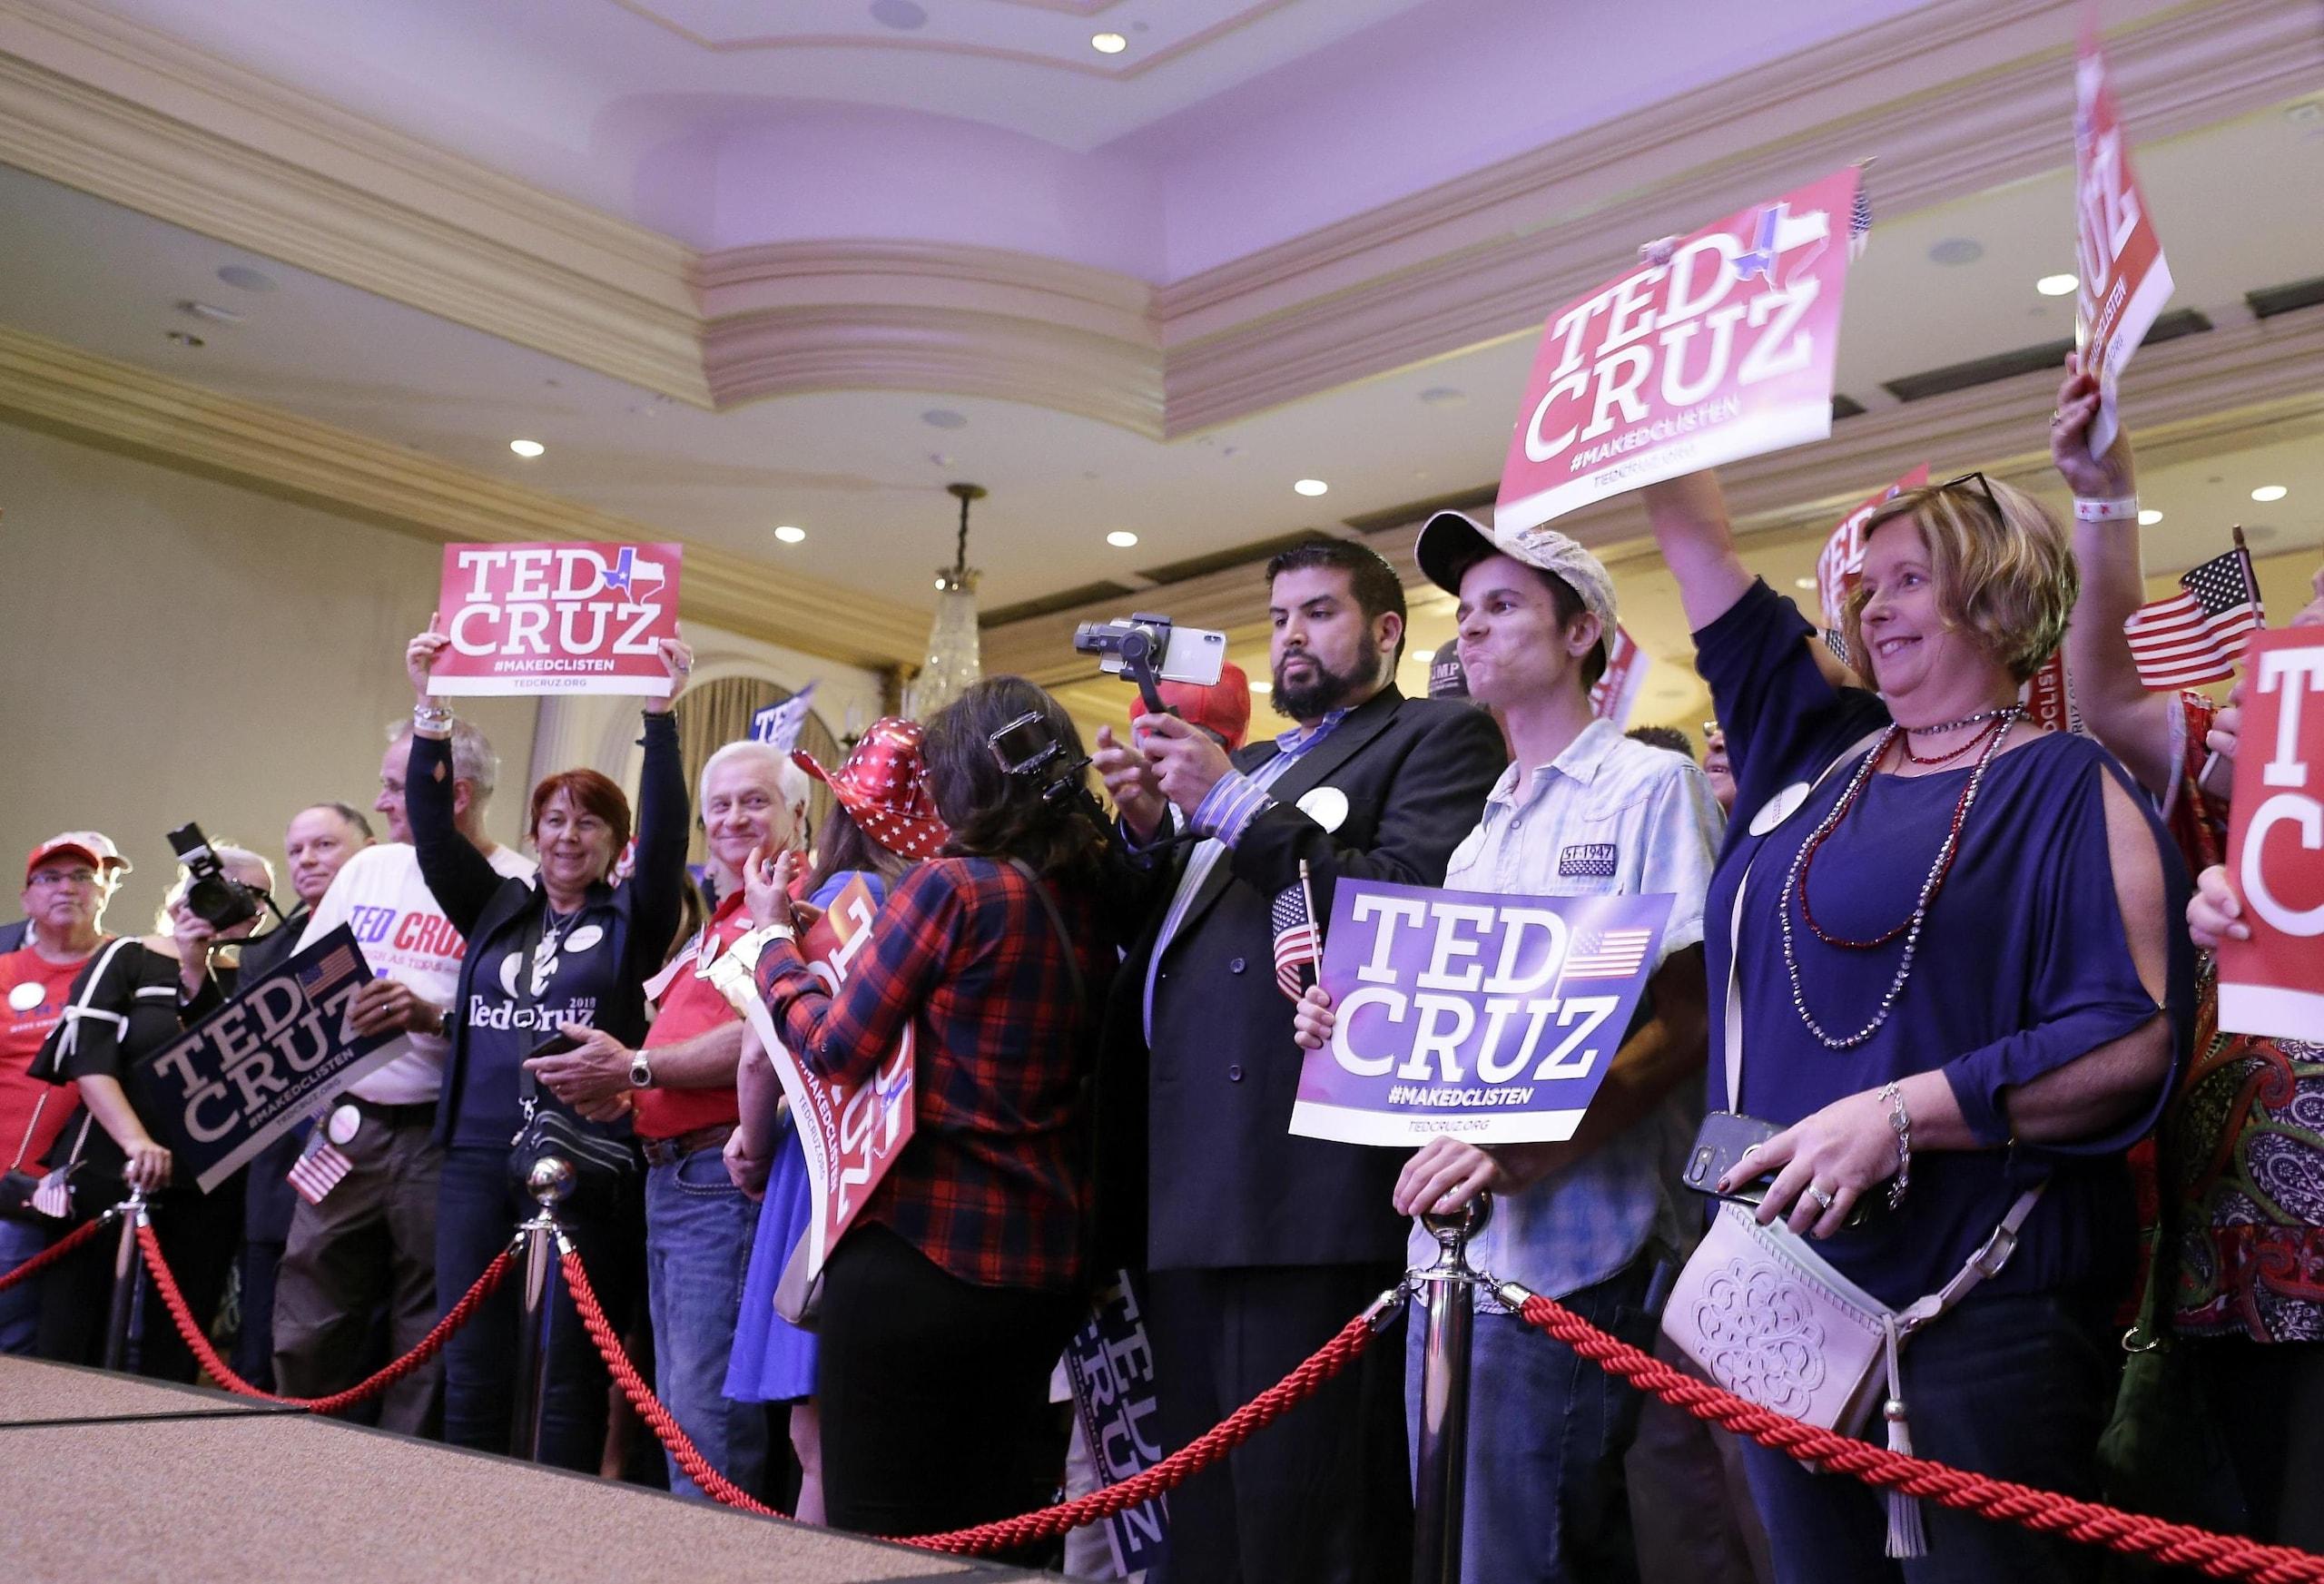 Midterm: Nbc, Cruz batte Beto O'Rourke